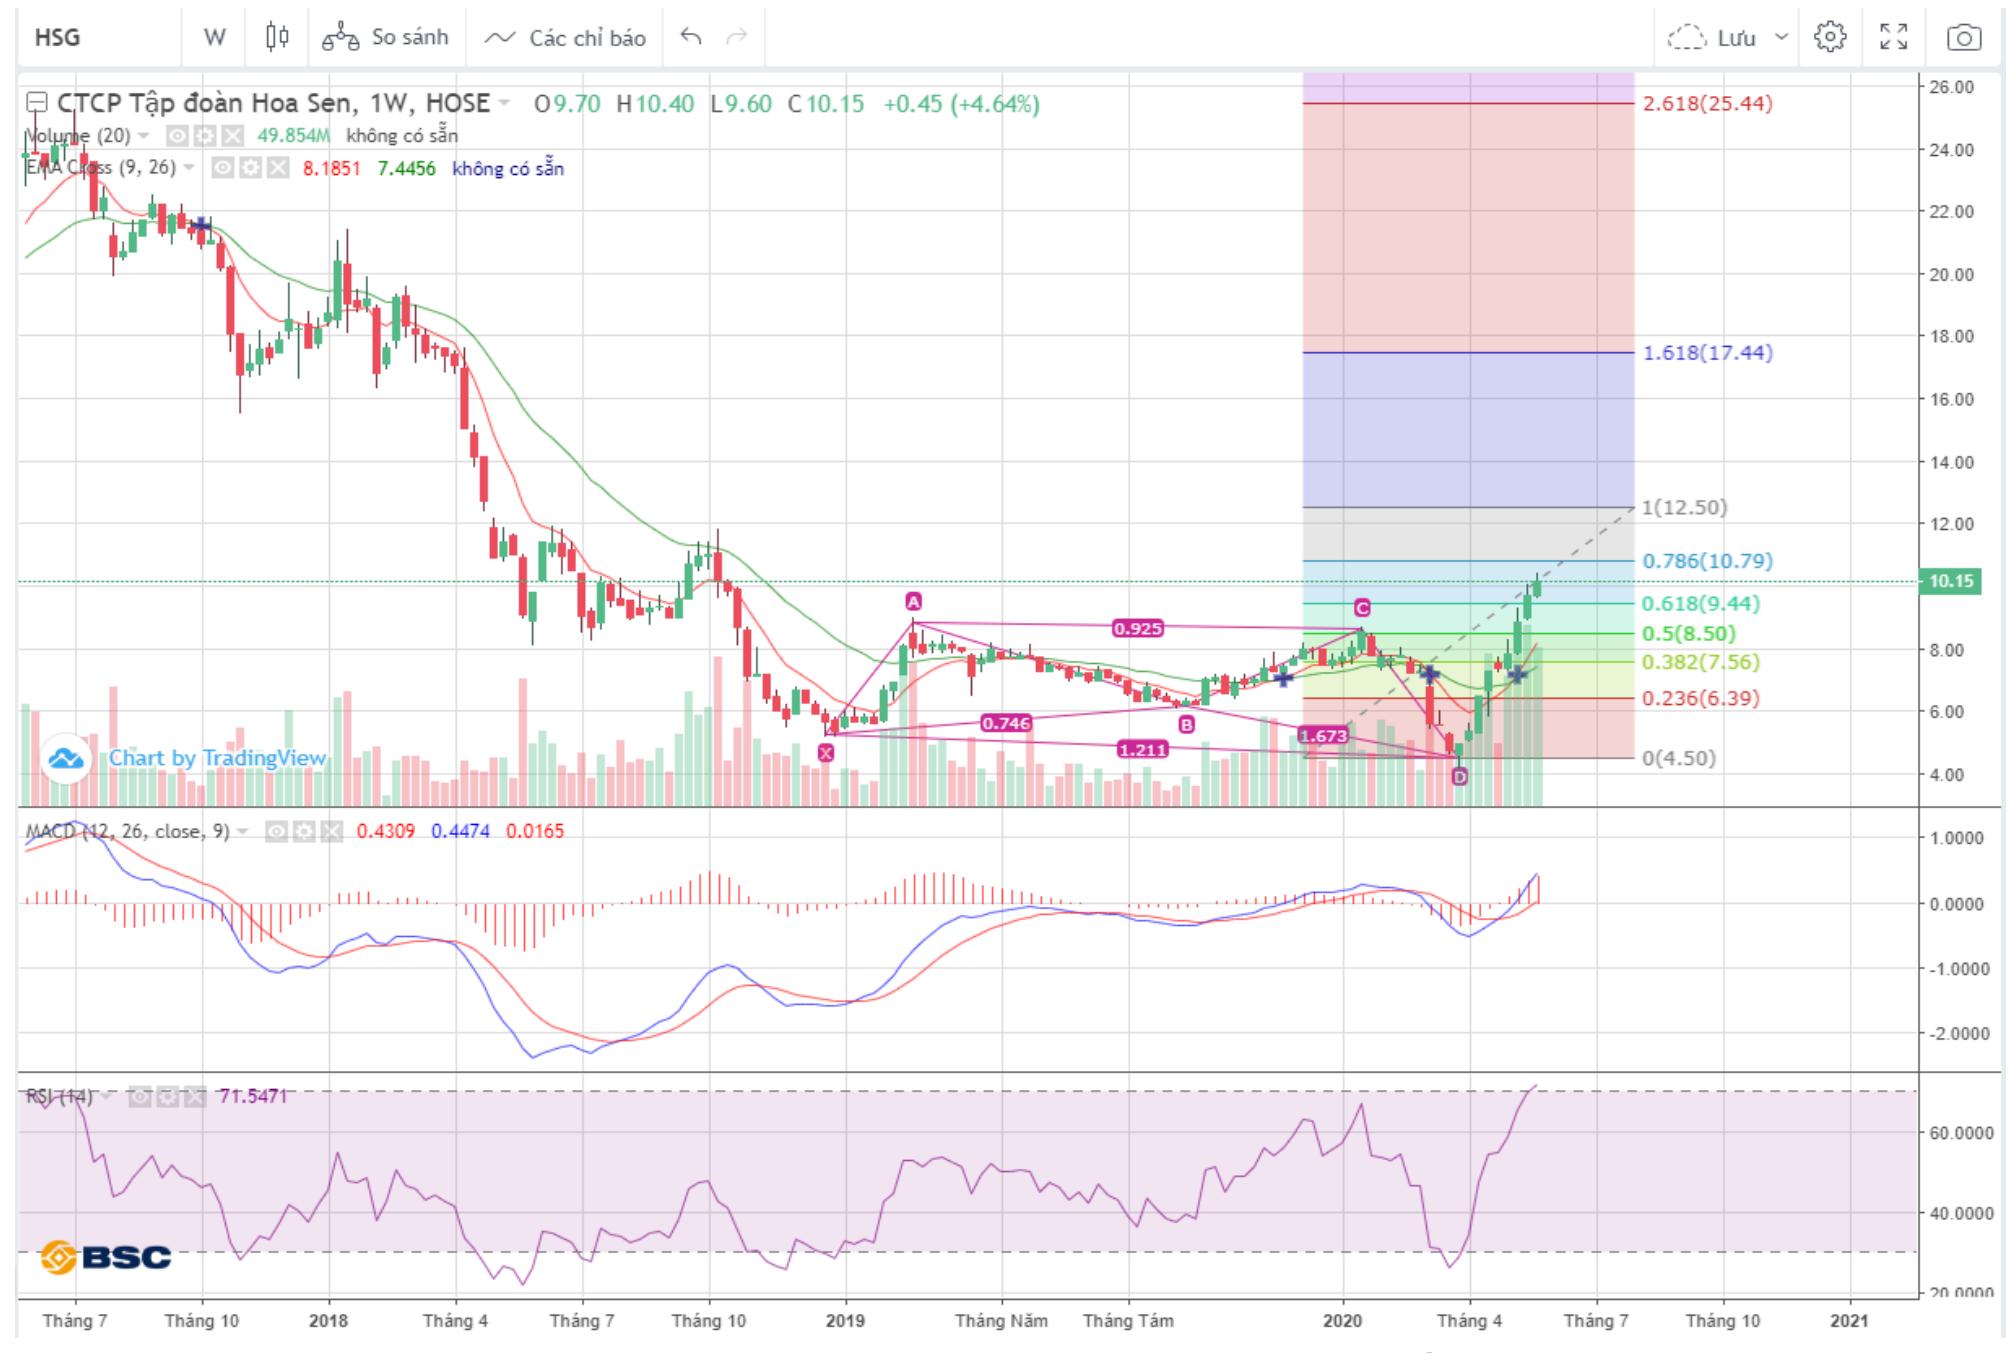 Cổ phiếu tâm điểm ngày 4/6: HSG, KDH, PGC